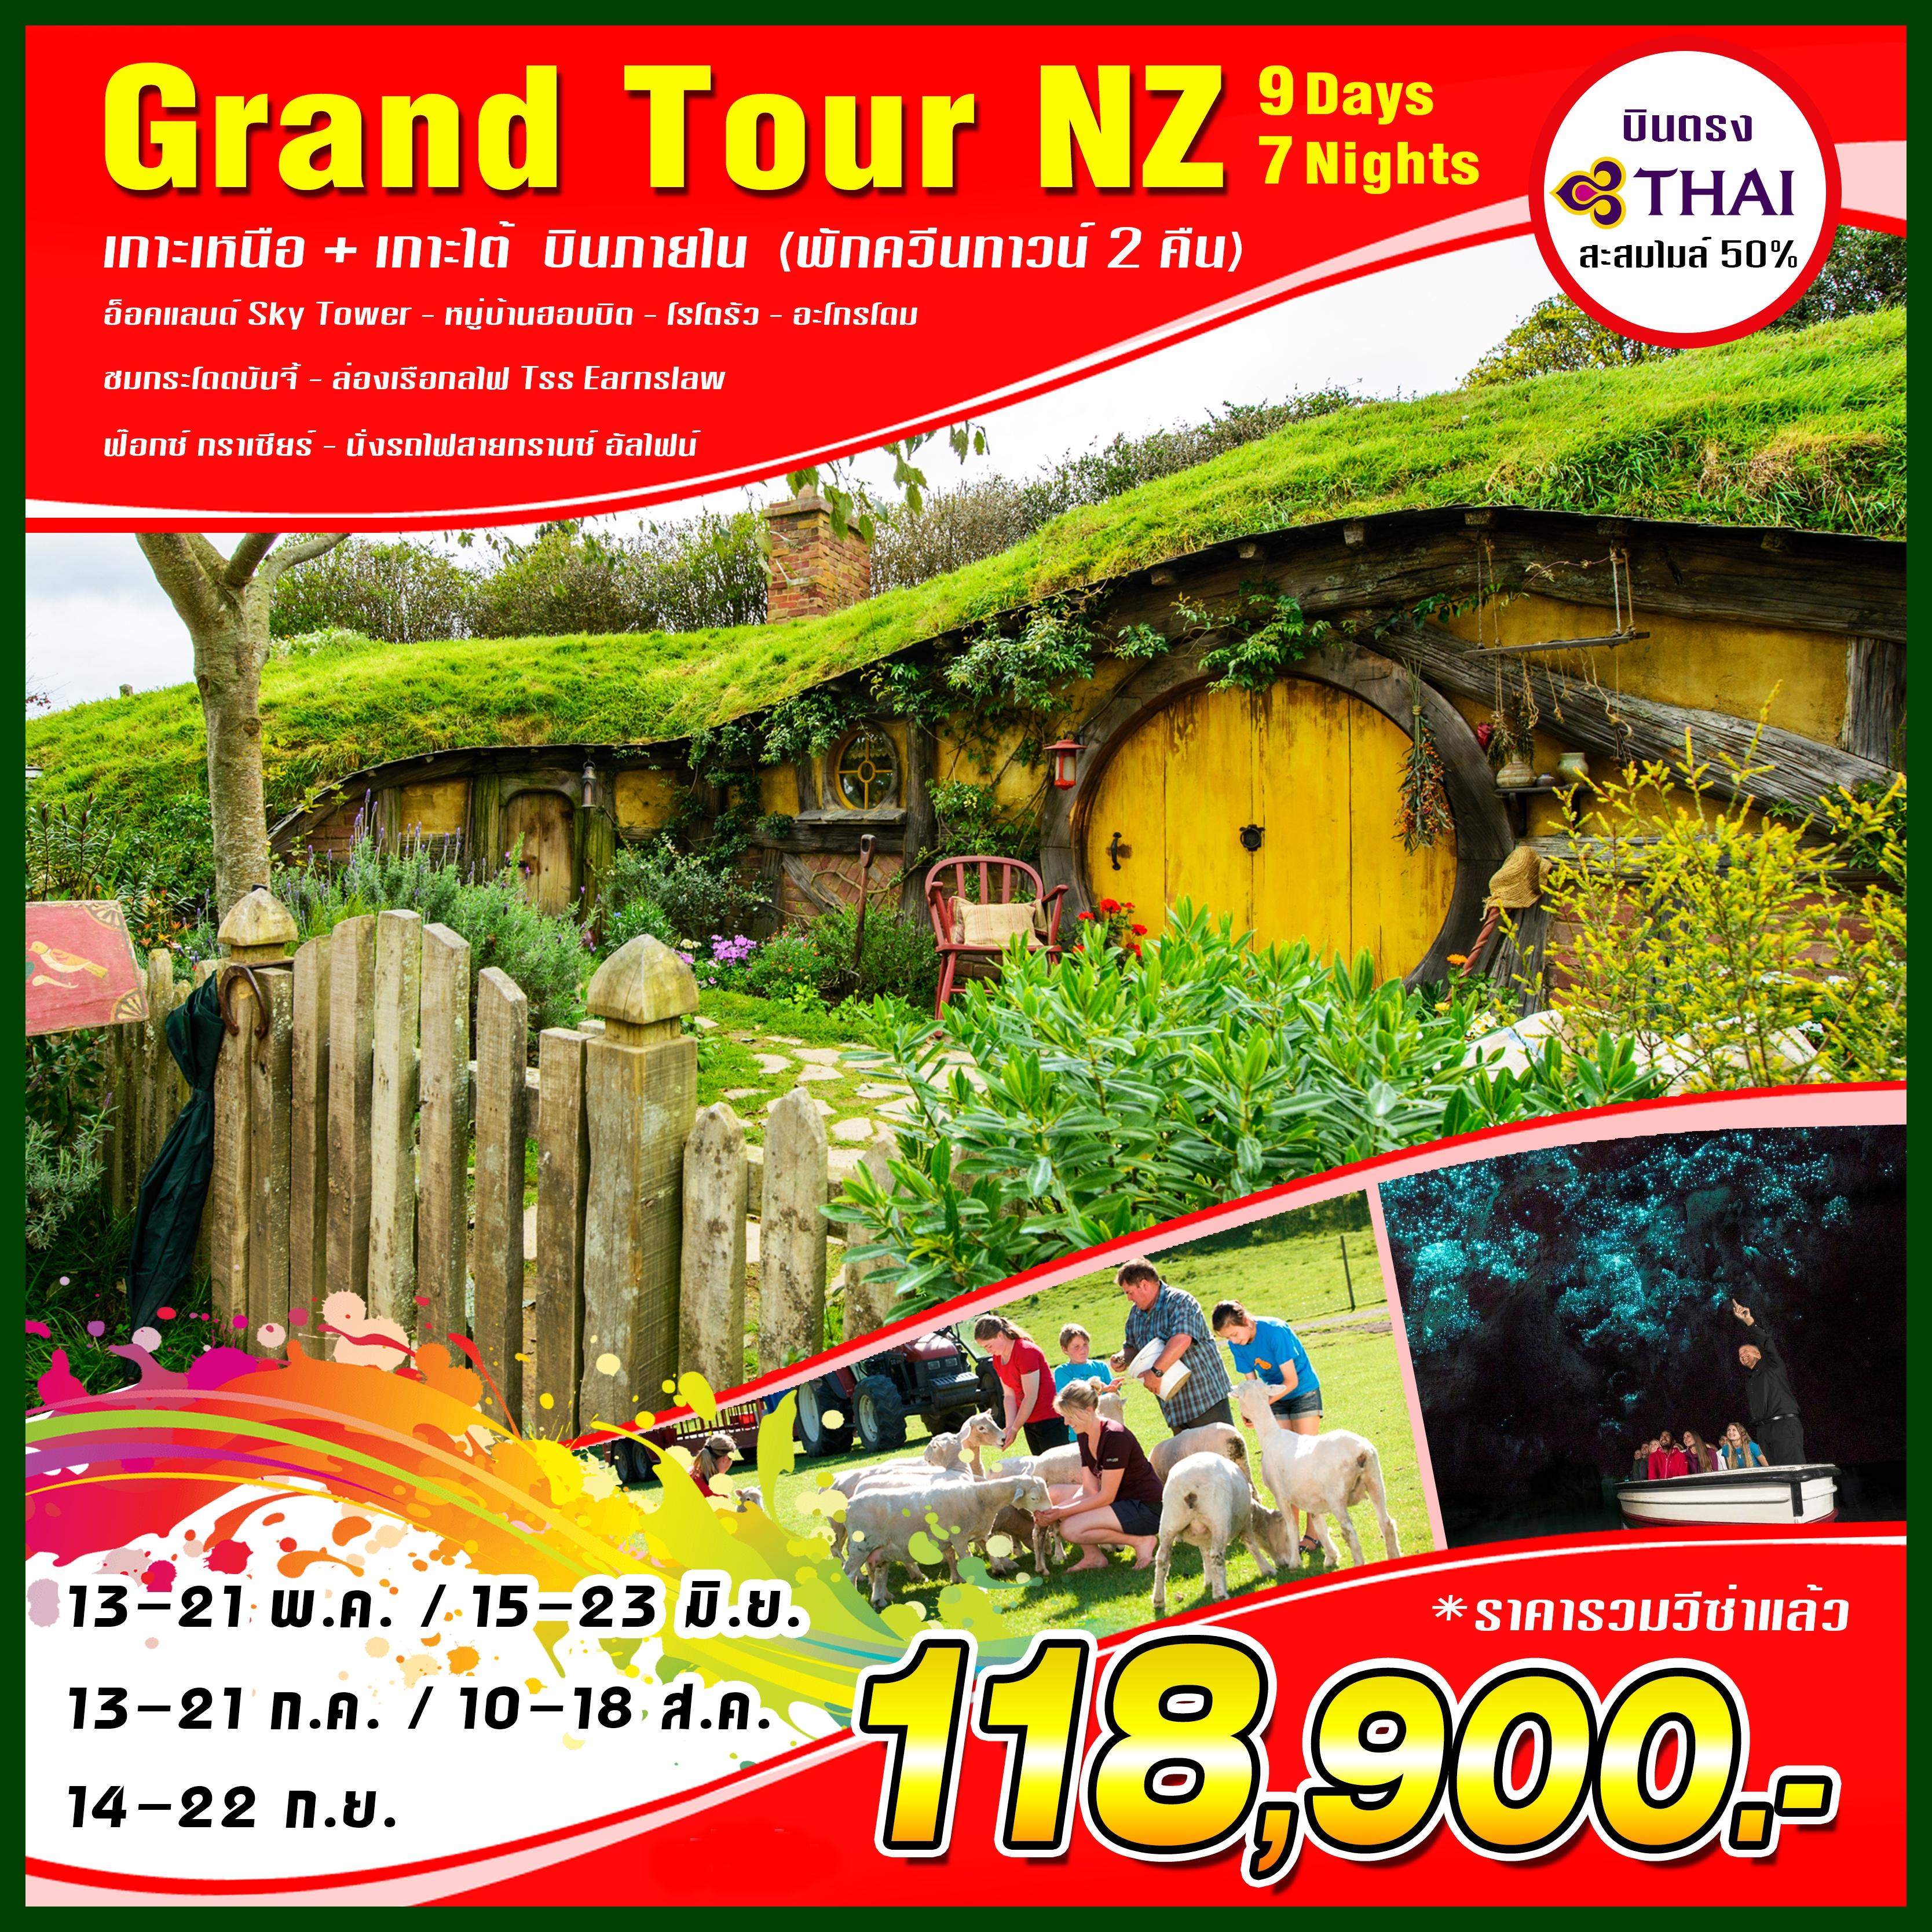 ทัวร์นิวซีเเลนด์-Grand-tour-NZ-Nth-Sth-9D(MAY-SEP19)(TG)